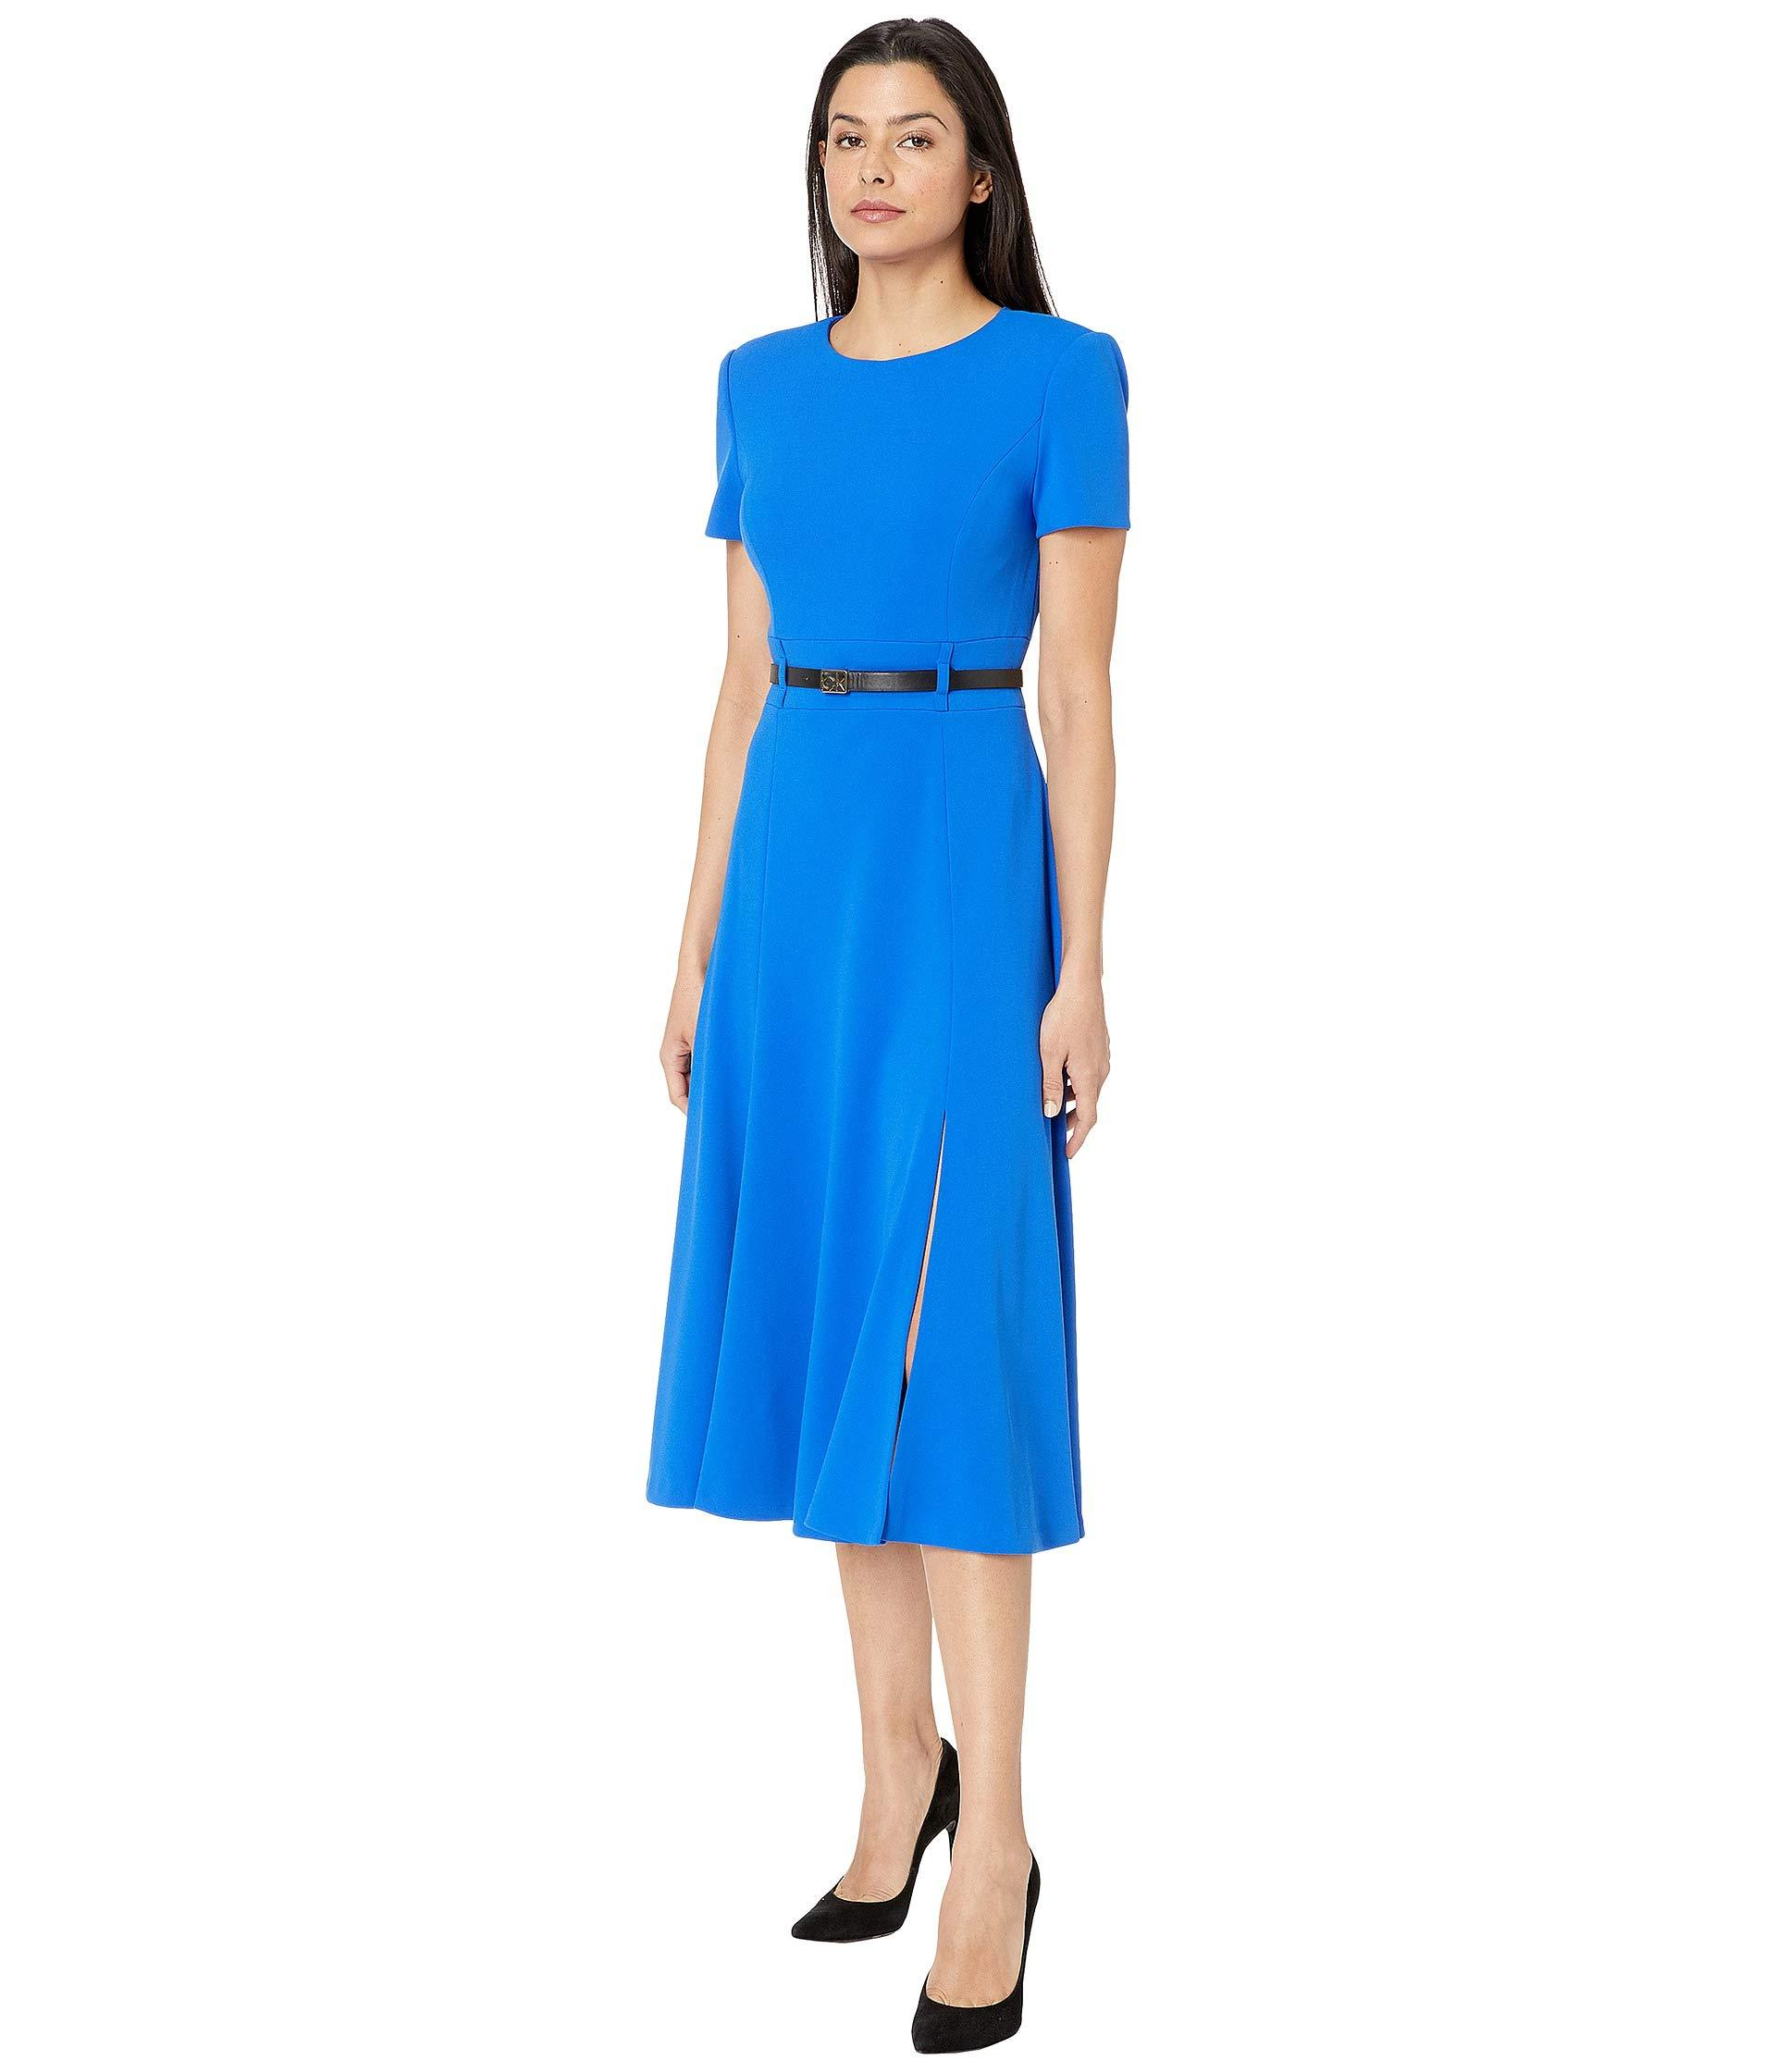 82988321a027 Calvin Klein. Blue Short Sleeve A-line Midi With Ck Logo Belt (capri)  Women s Dress